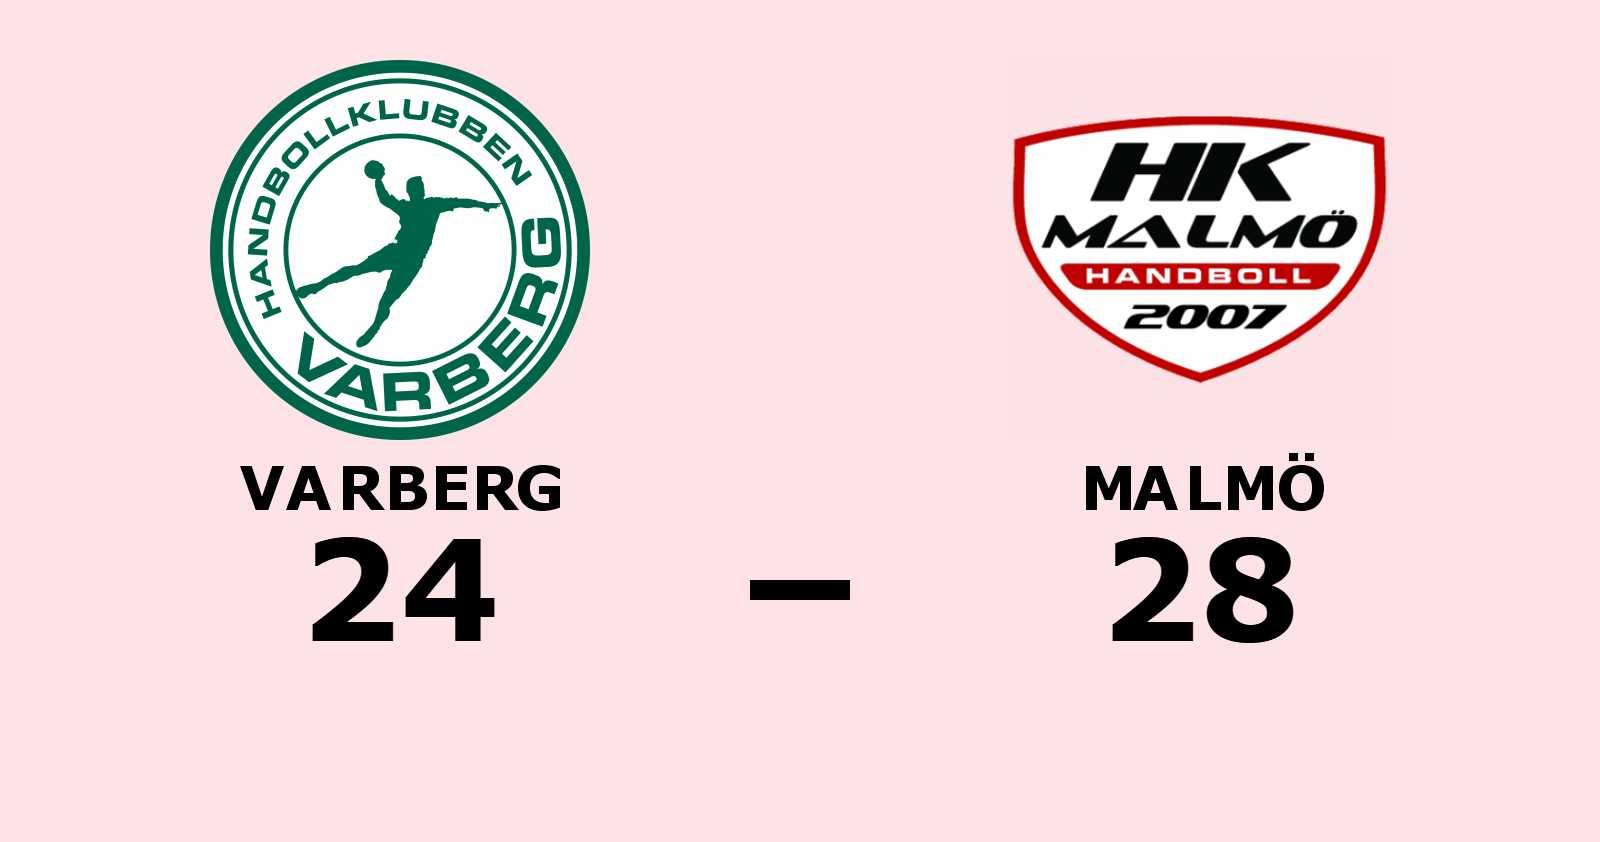 Segerraden förlängd för Malmö - besegrade Varberg